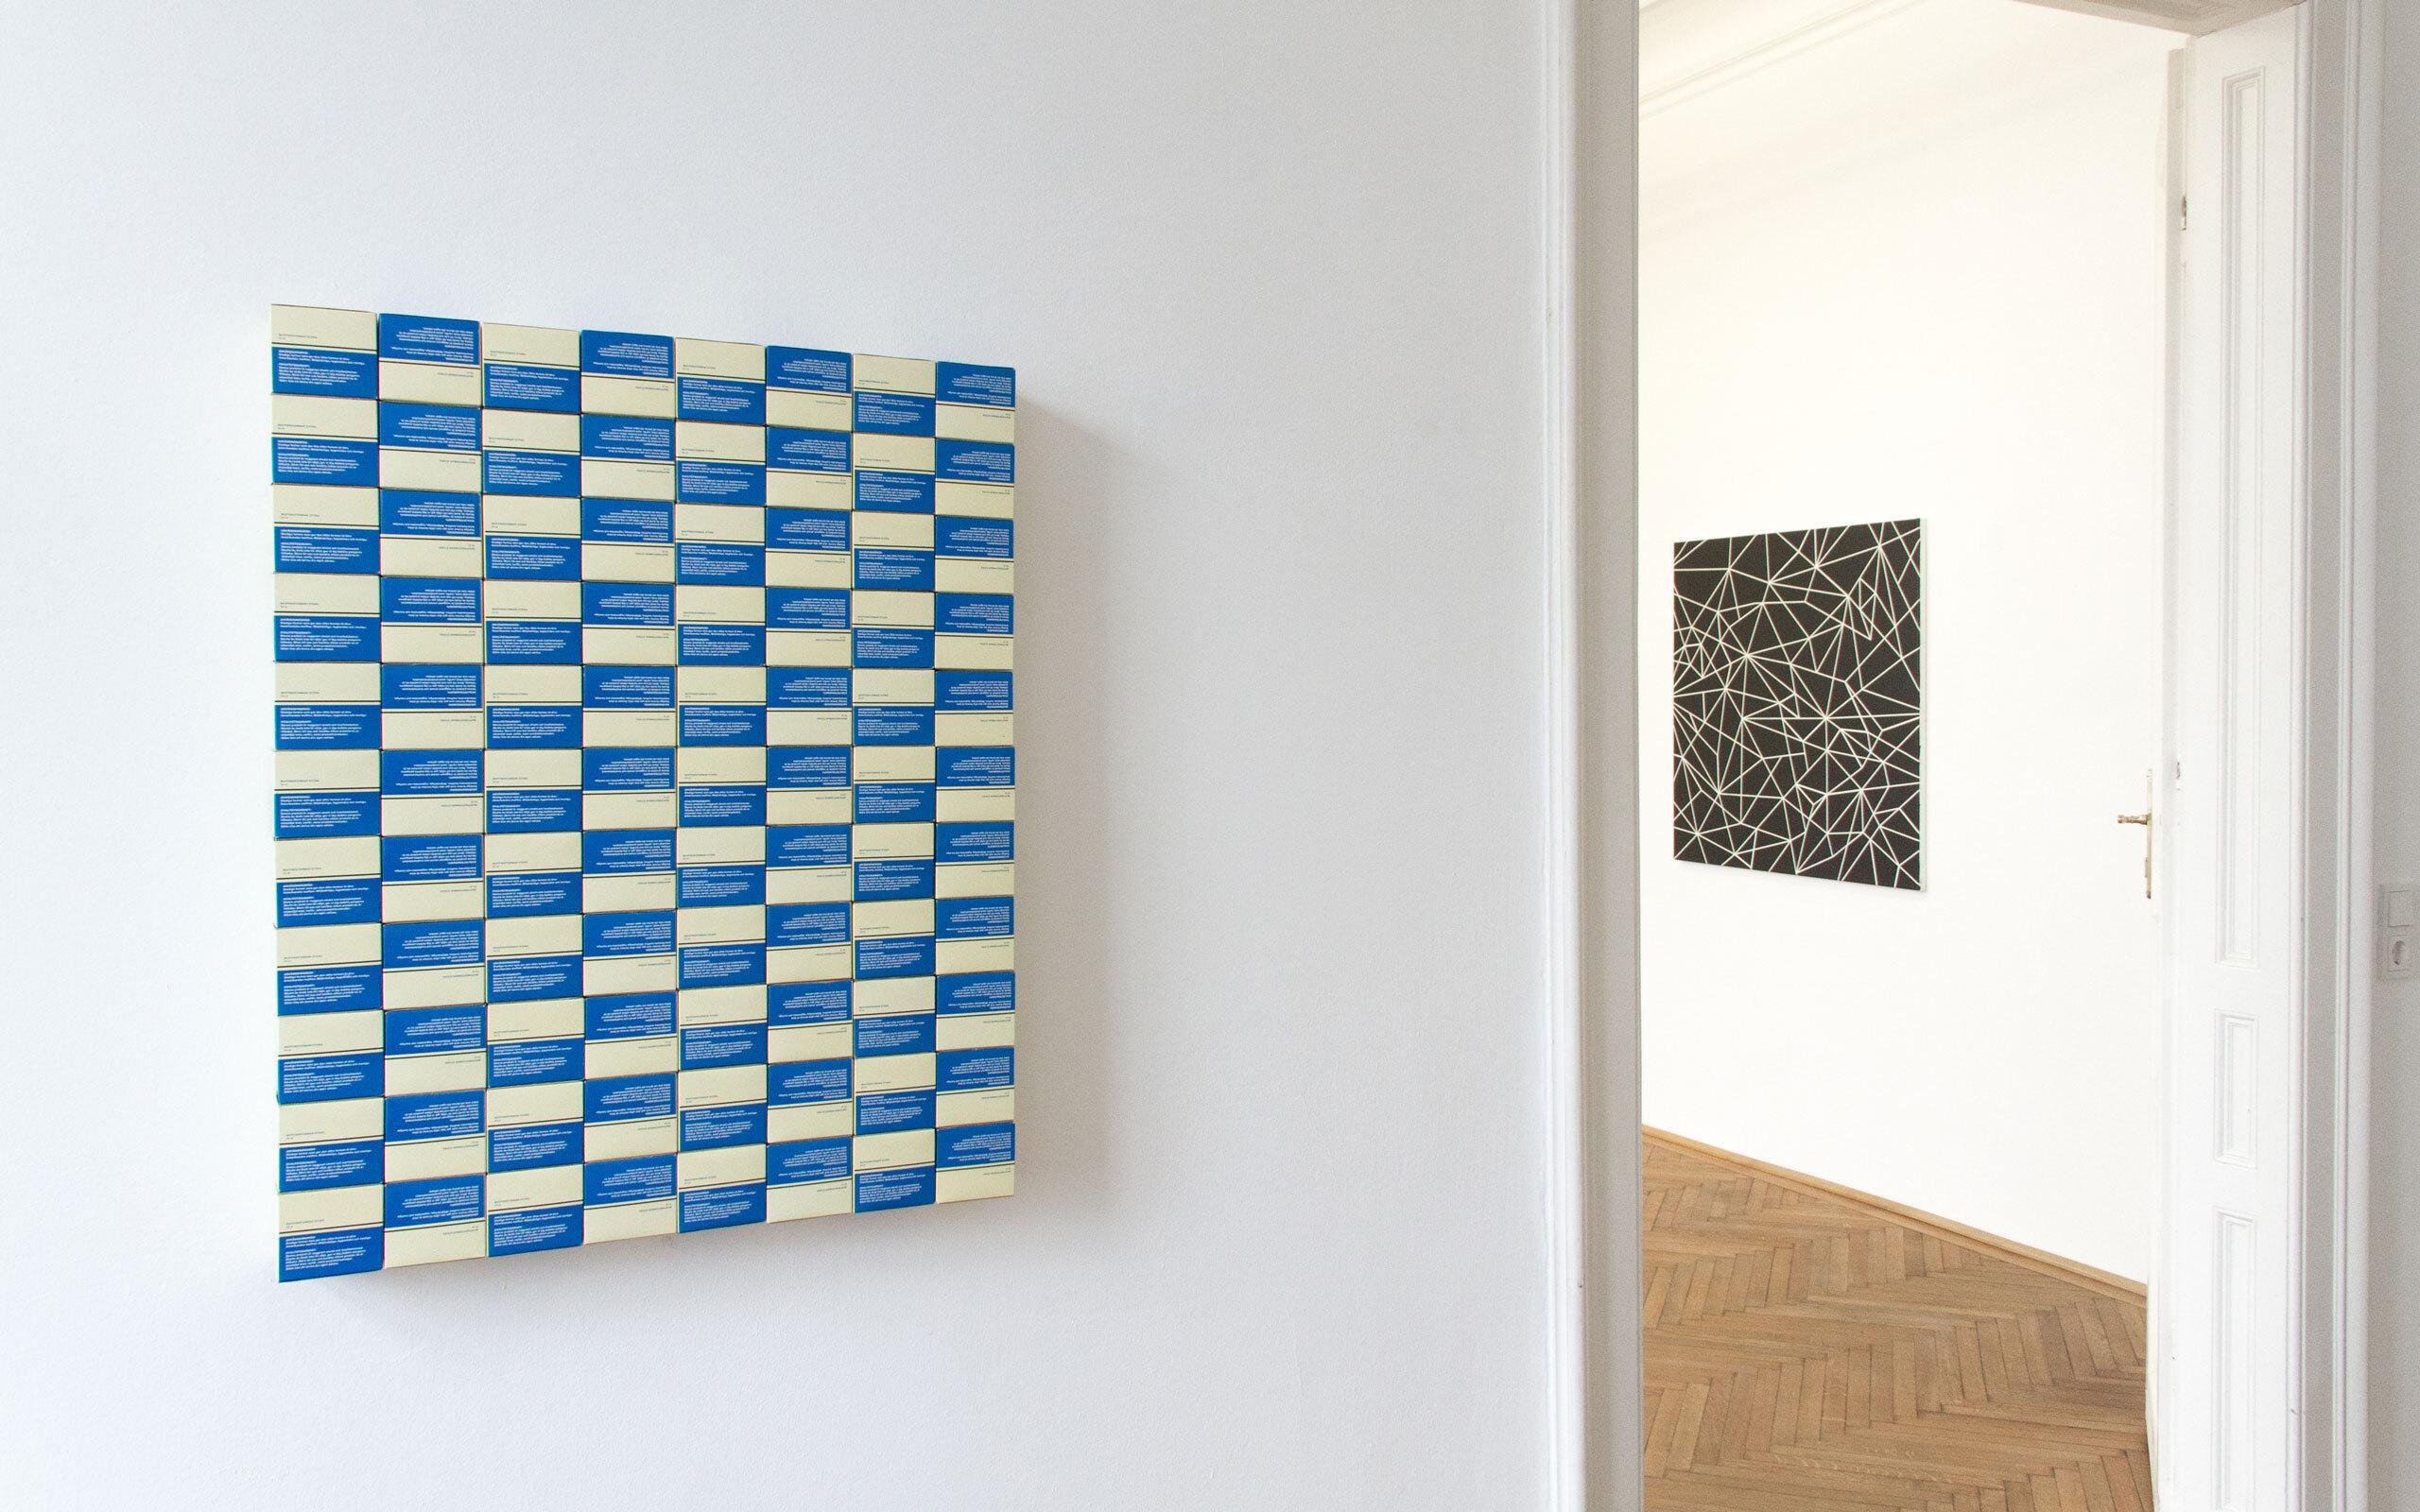 04 e stocker j dahlgren rules of abstraction fjk3